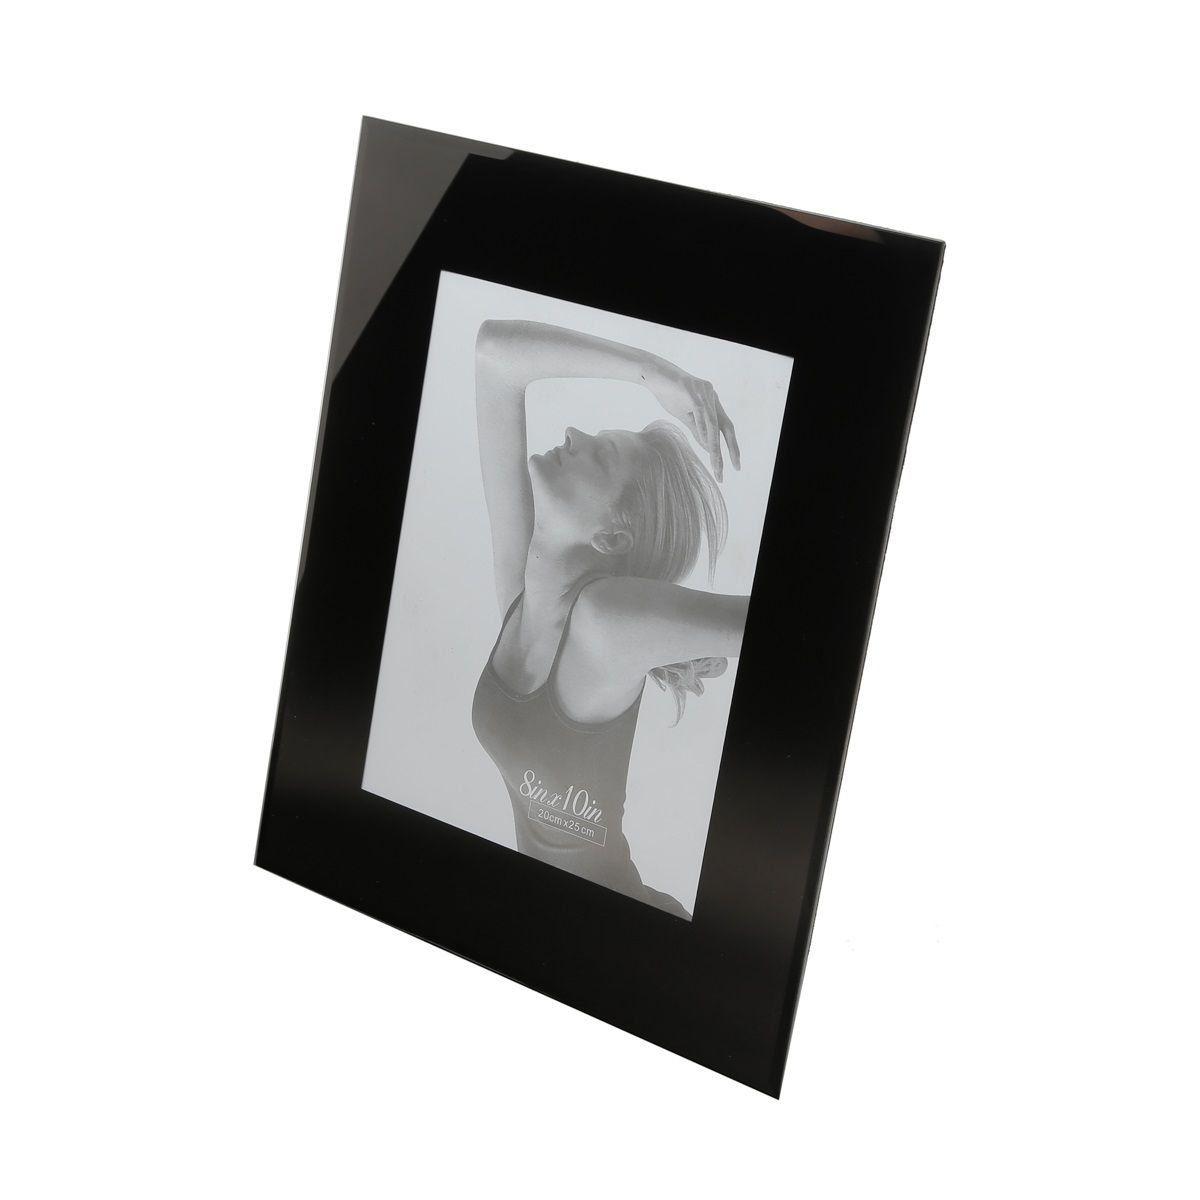 Porta-retrato 15 x 20 cm de vidro Preto Prestige - 9468